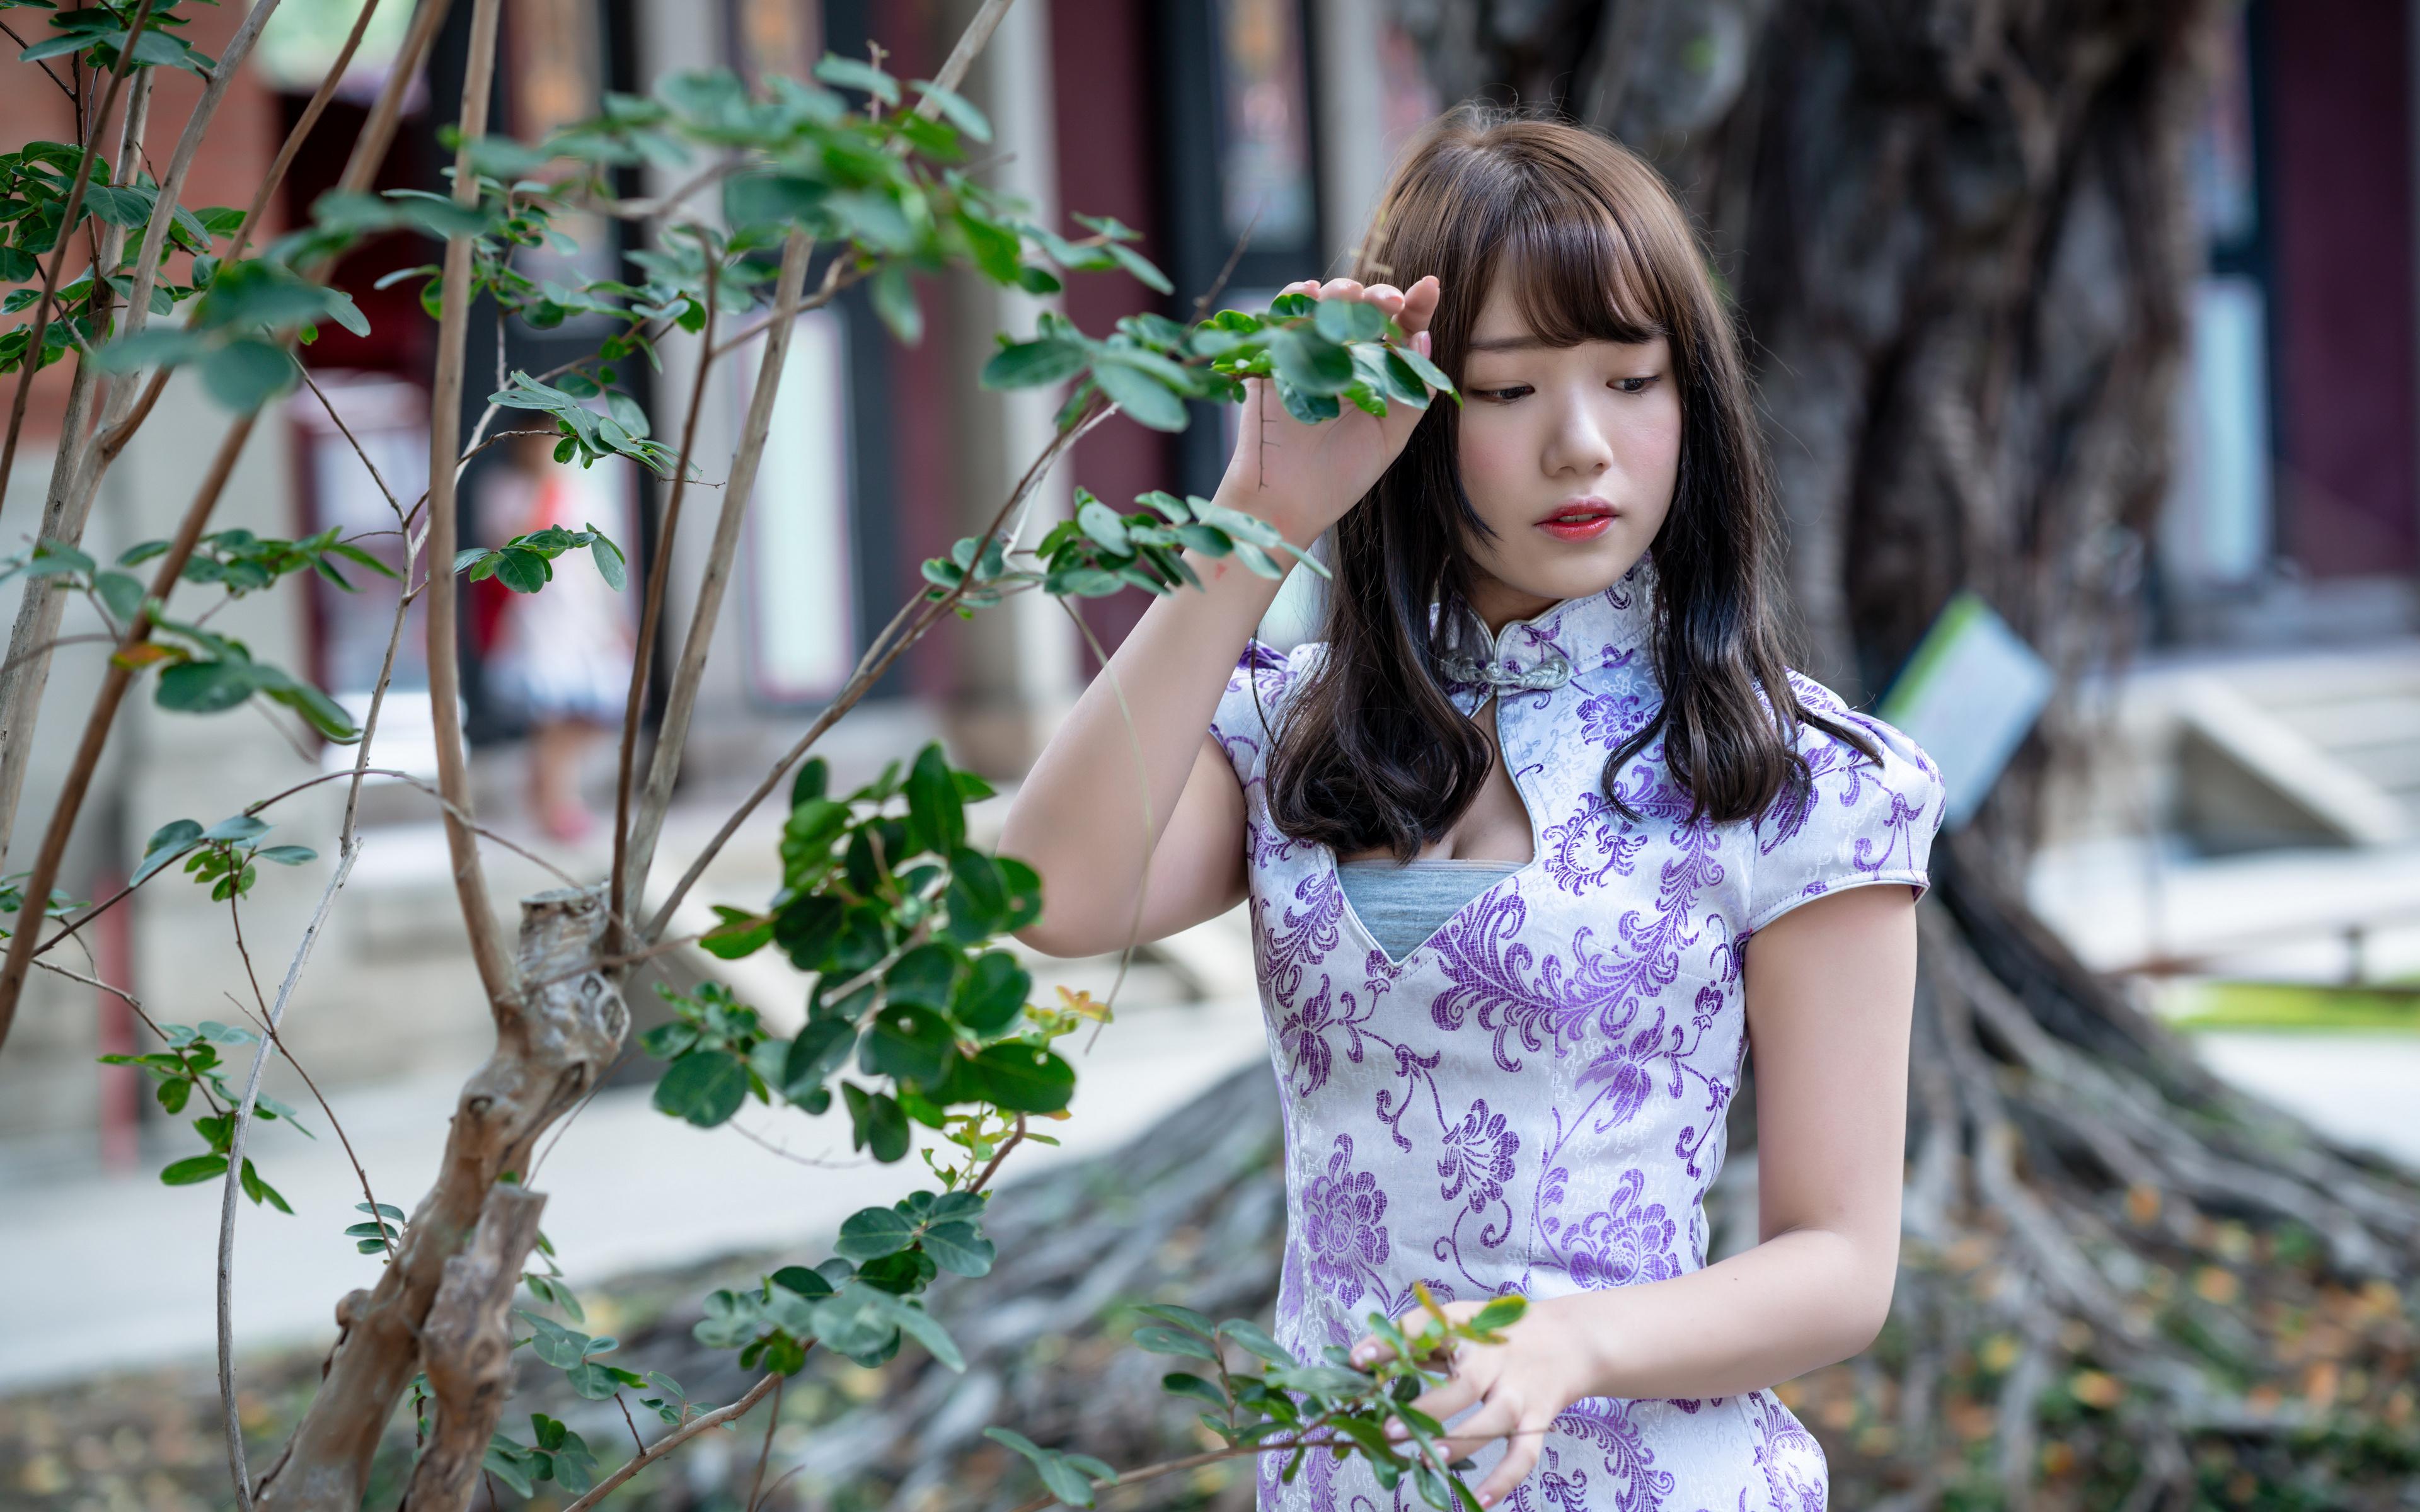 Bilder von junge frau asiatisches Ast Hand Kleid 3840x2400 Mädchens junge Frauen Asiaten Asiatische